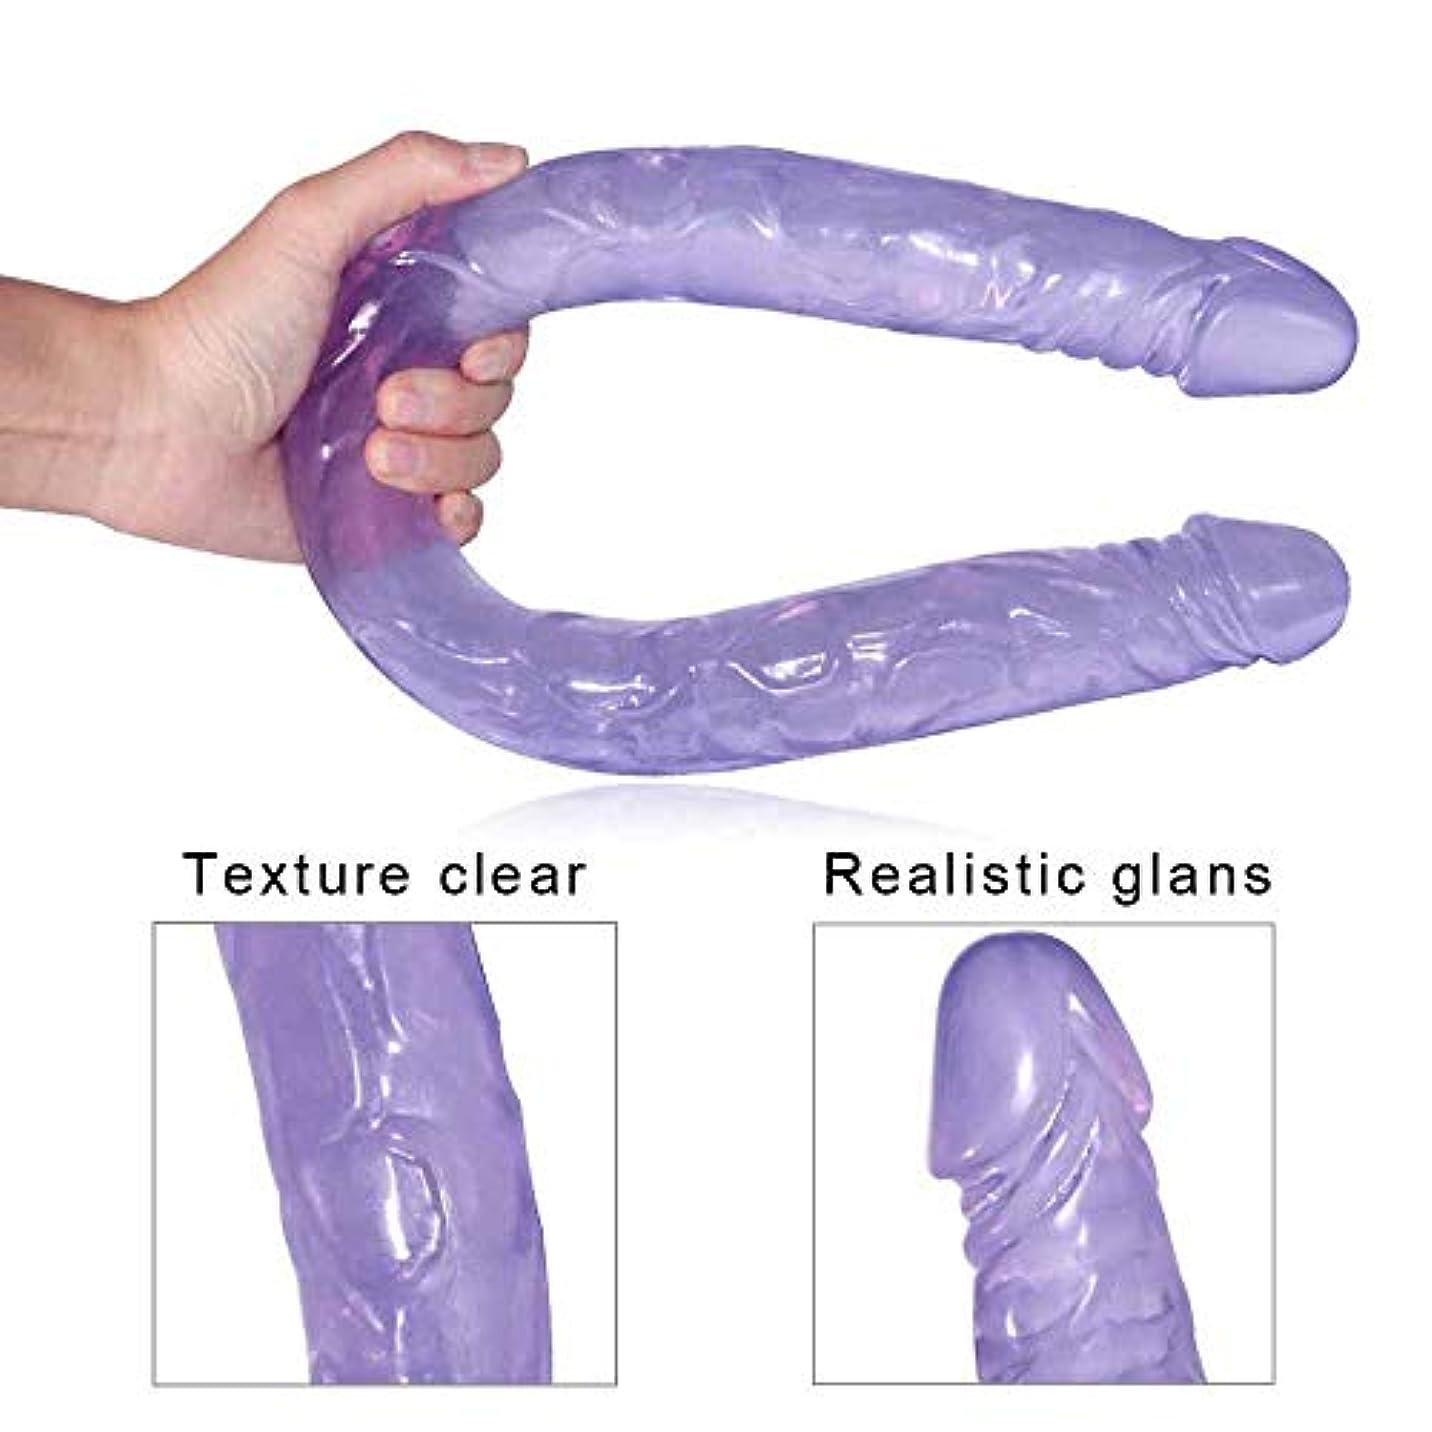 フォローレトルトスタンドペニス 21.65インチの長い両端は女性の健康材料のための女性の個人的な防水マッサージの杖に向かいました マッサージャー